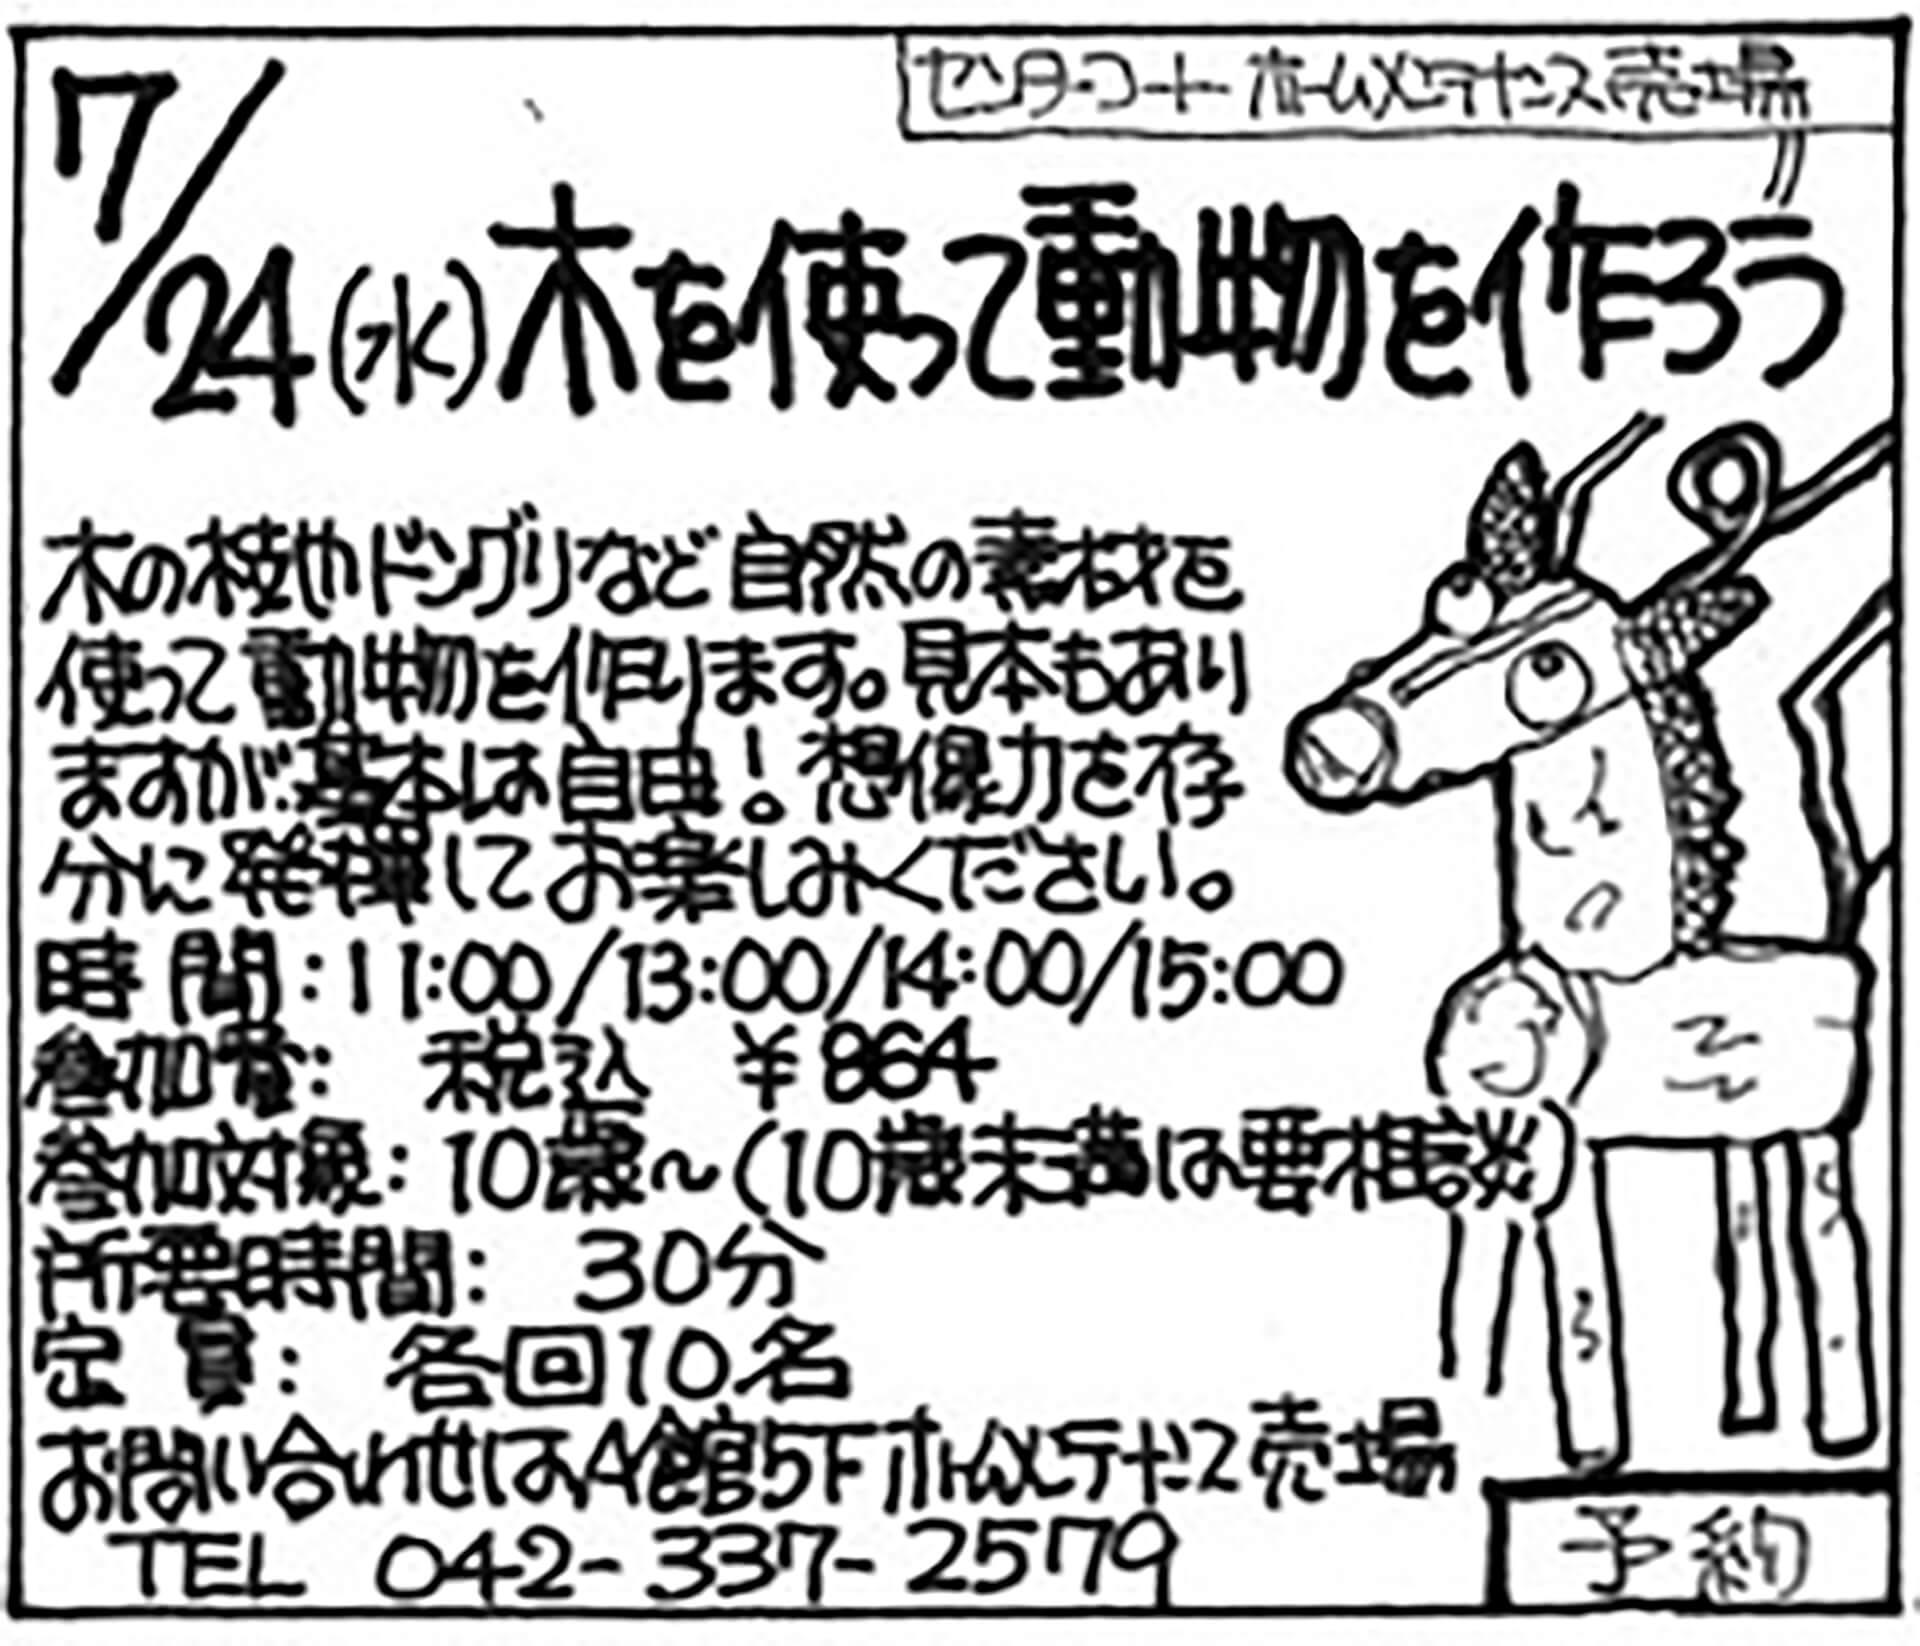 この写真は京王アートマン、2019夏のワークショップの具体的内容を手書き文字で表記したもの。木の動物作りの告知です